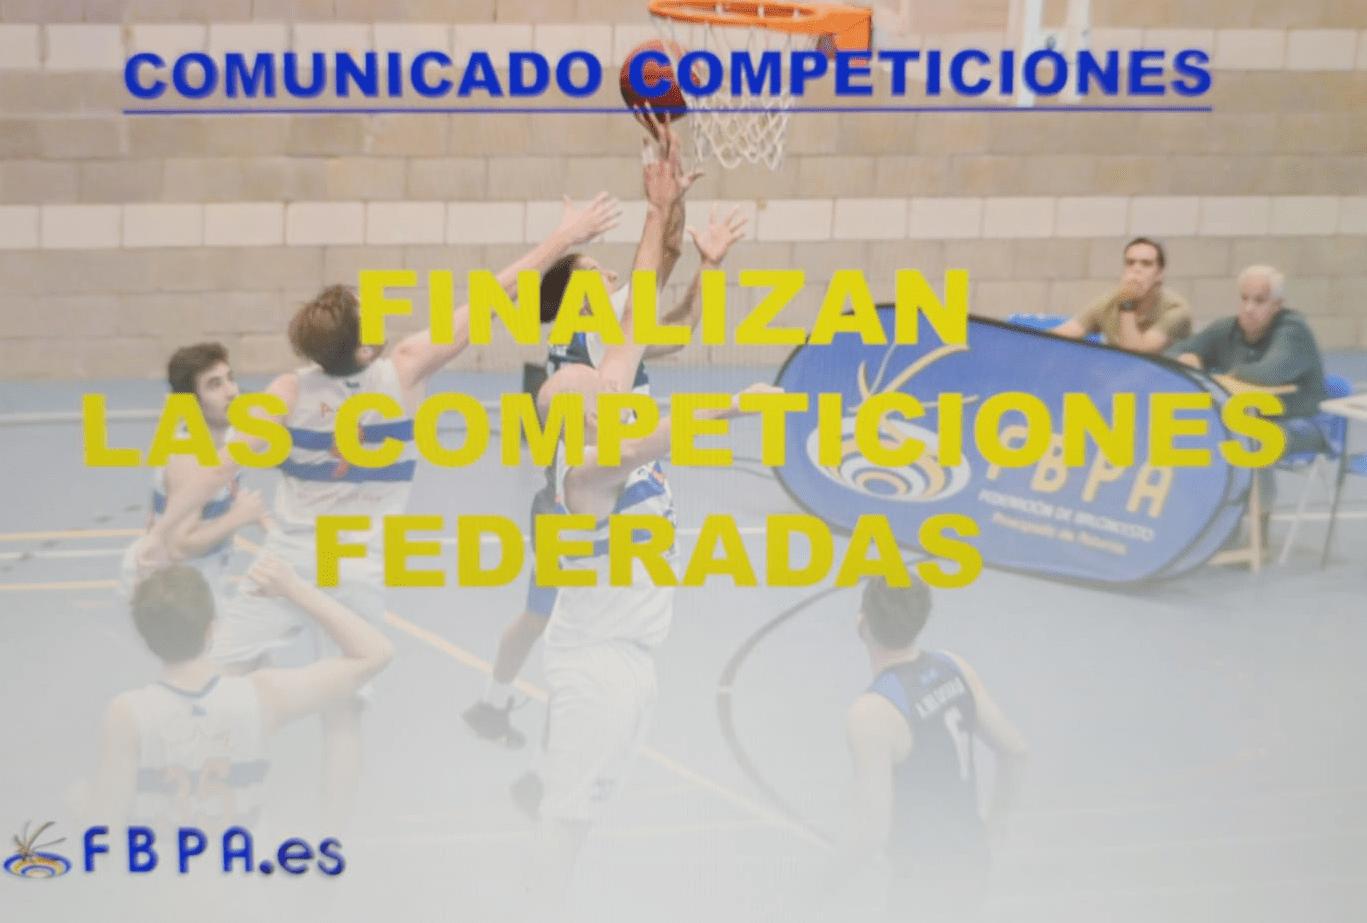 La Federación Asturiana de Baloncesto da por finalizada la temporada sin Campeones y sin Ascensos y Descensos tras consulta a los Clubes